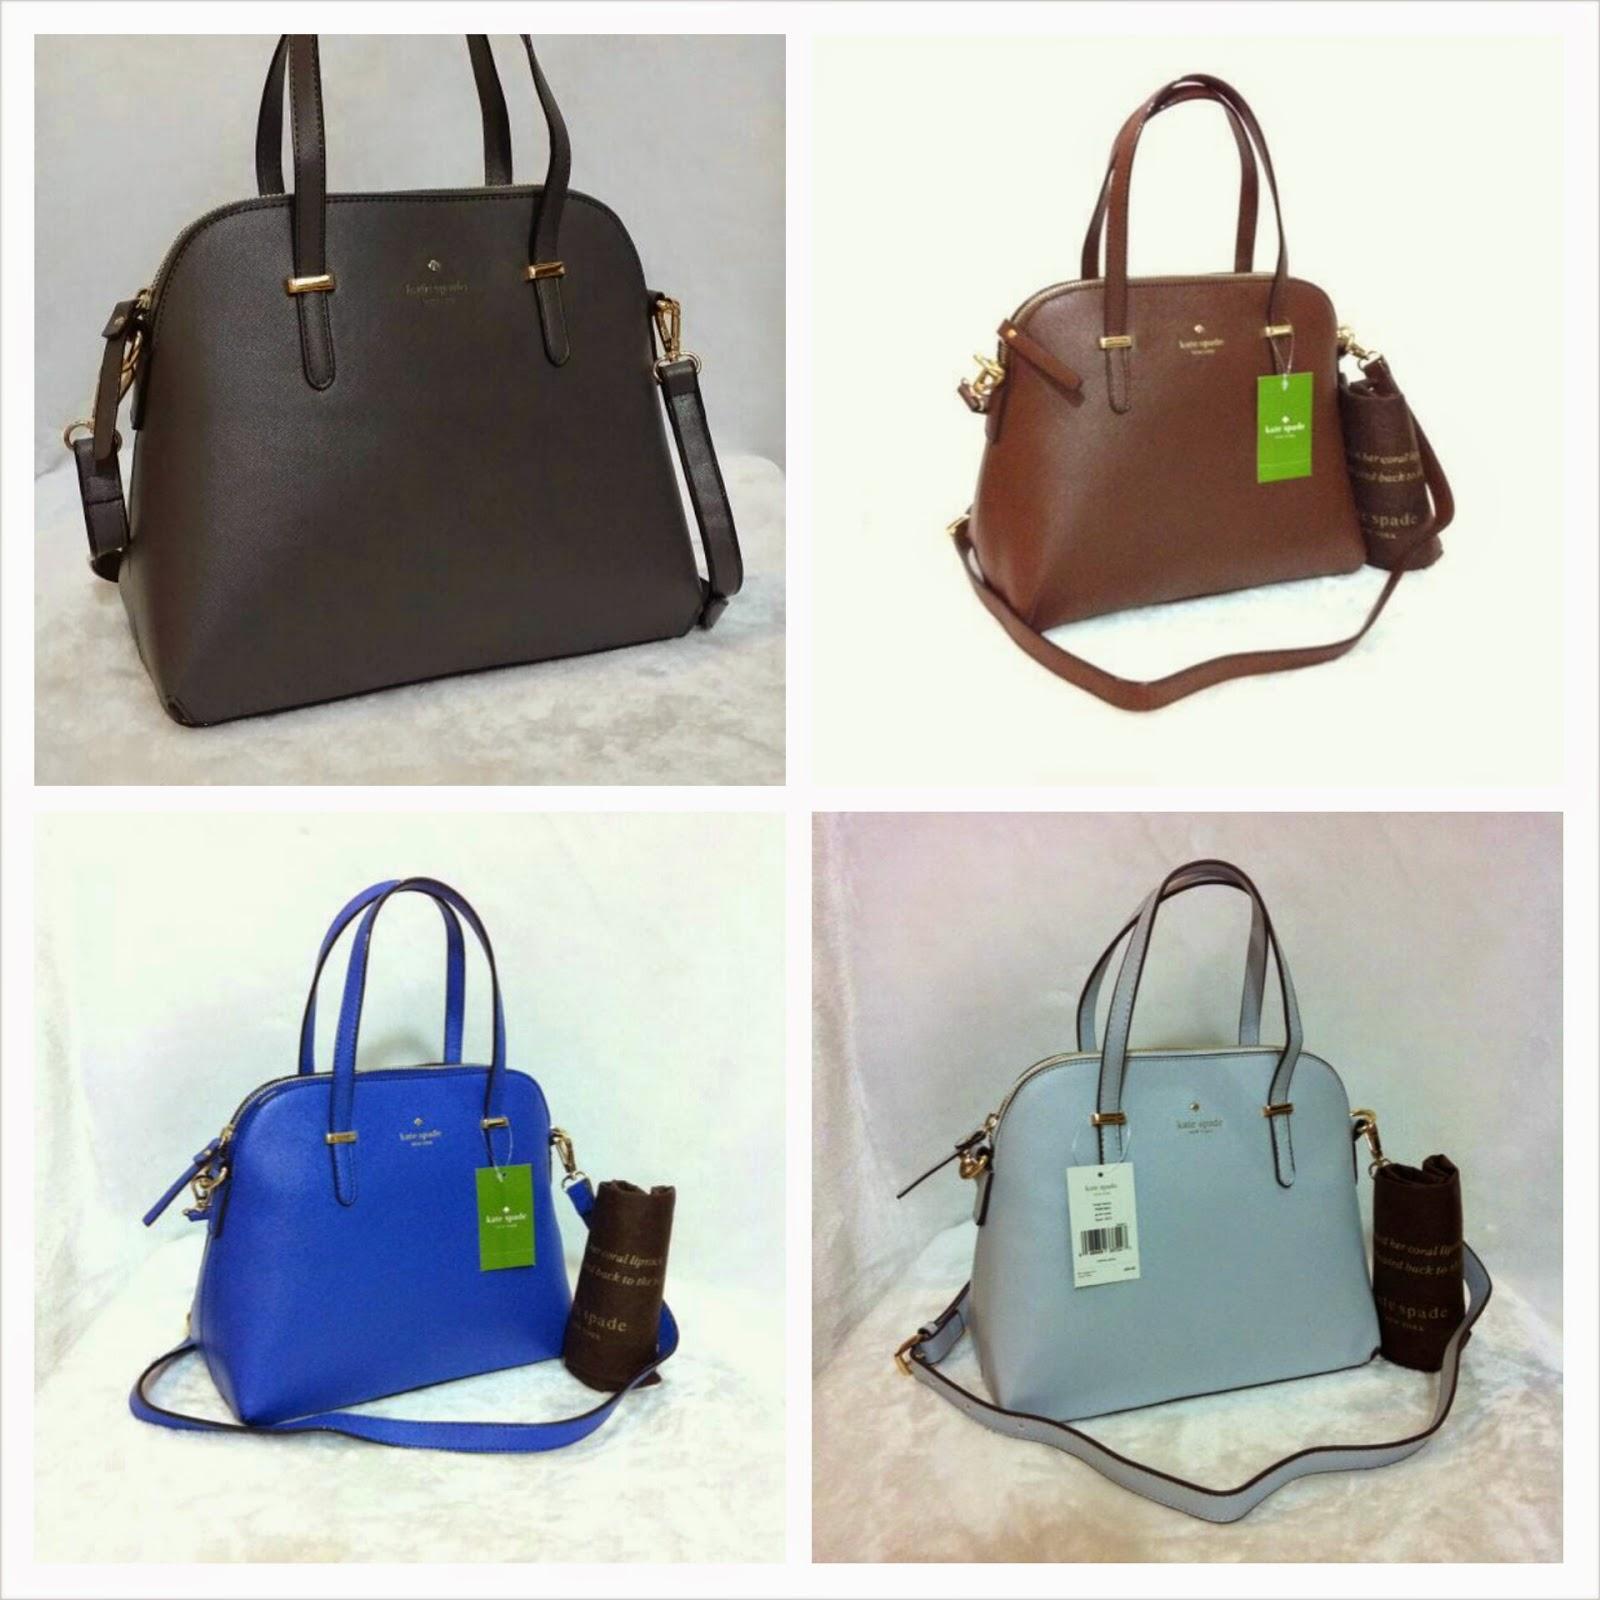 Handbags   Closets  Kate Spade new arrivals! 4c8f31dc1c5